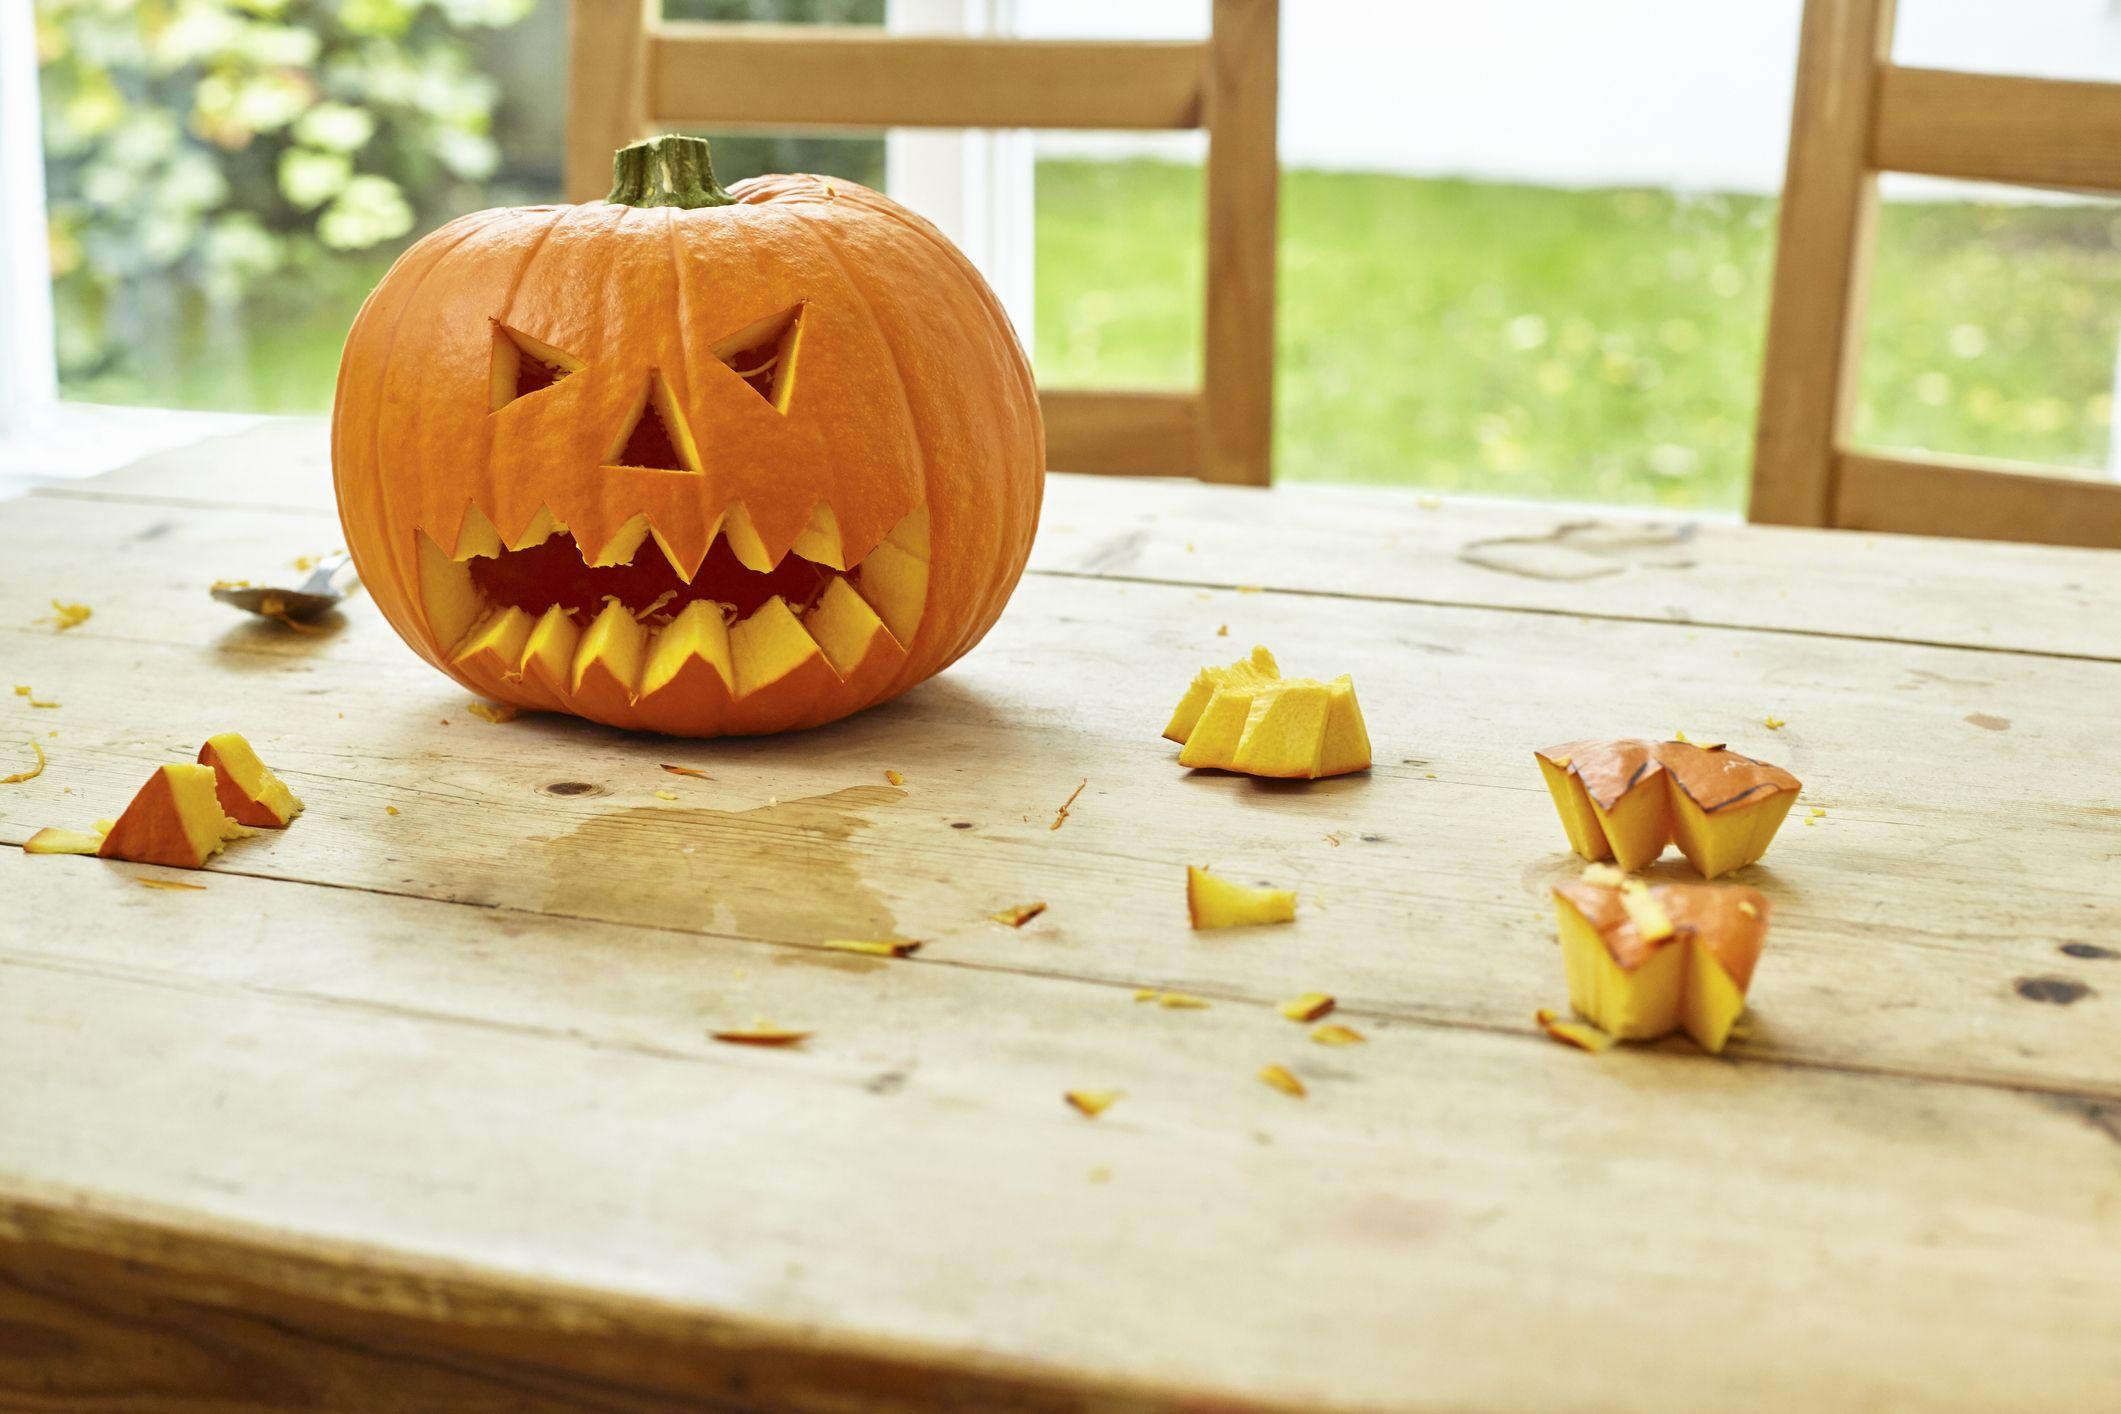 Pumpkin carving leaf designs